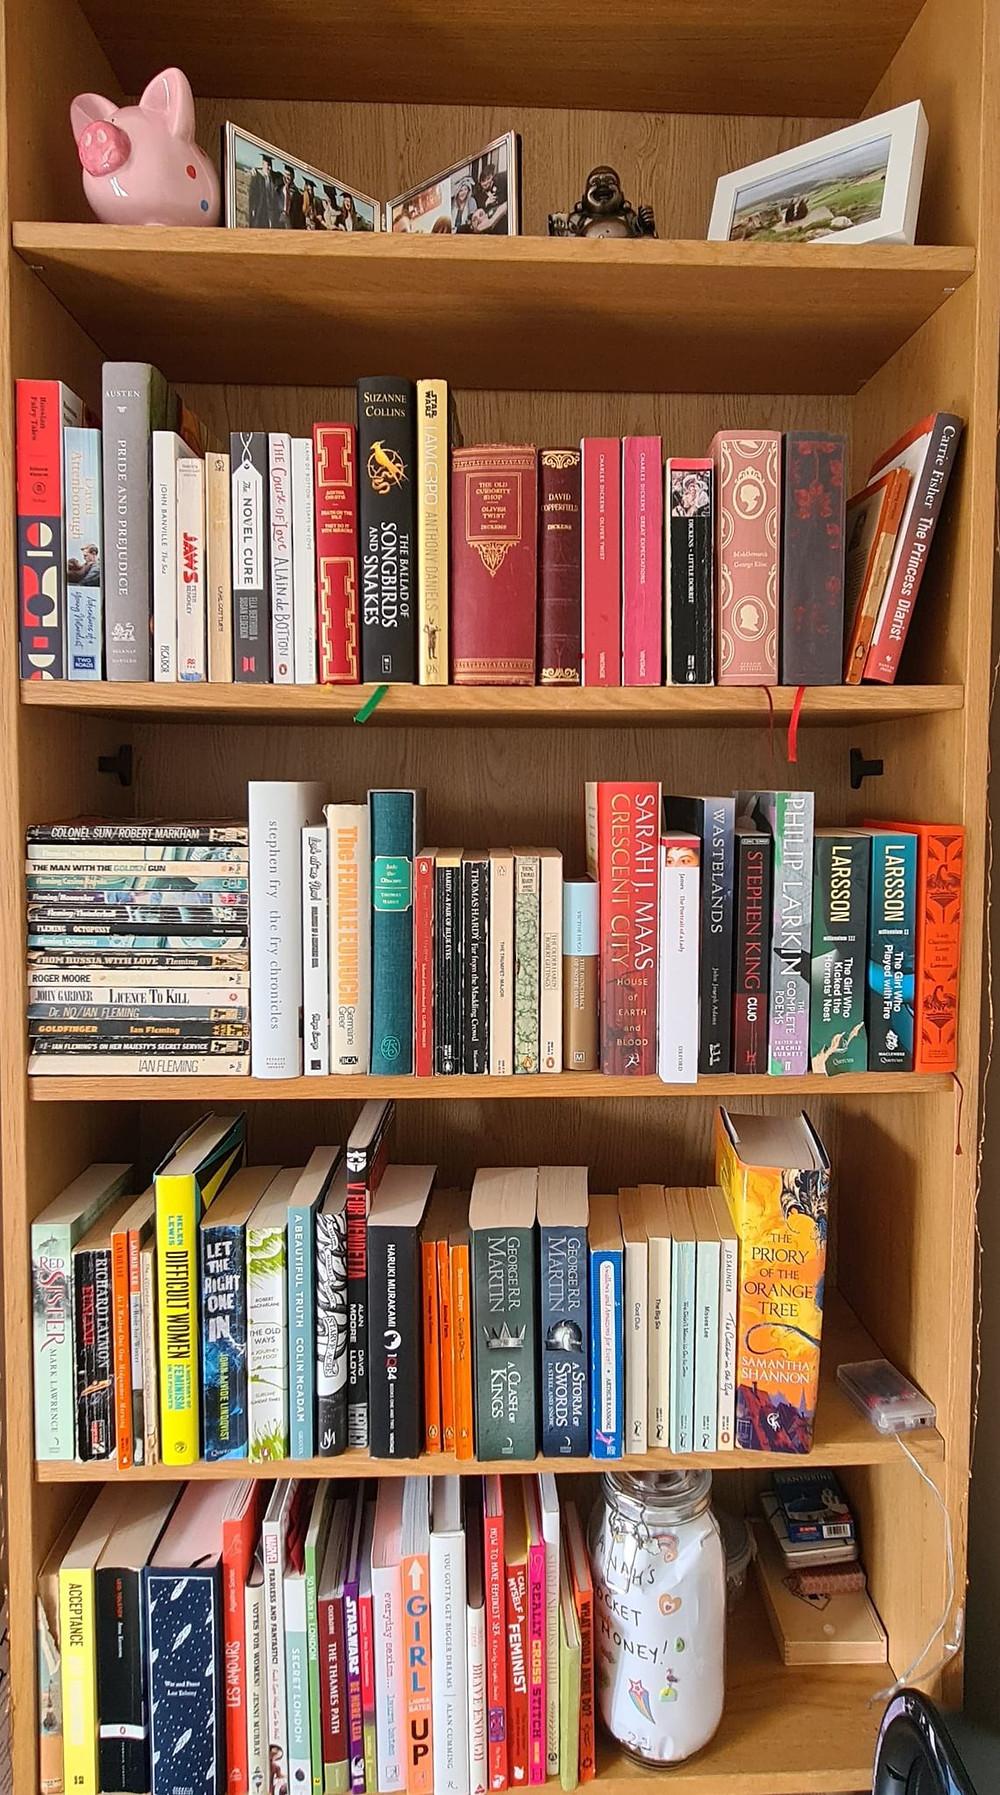 Hannah's bookshelves